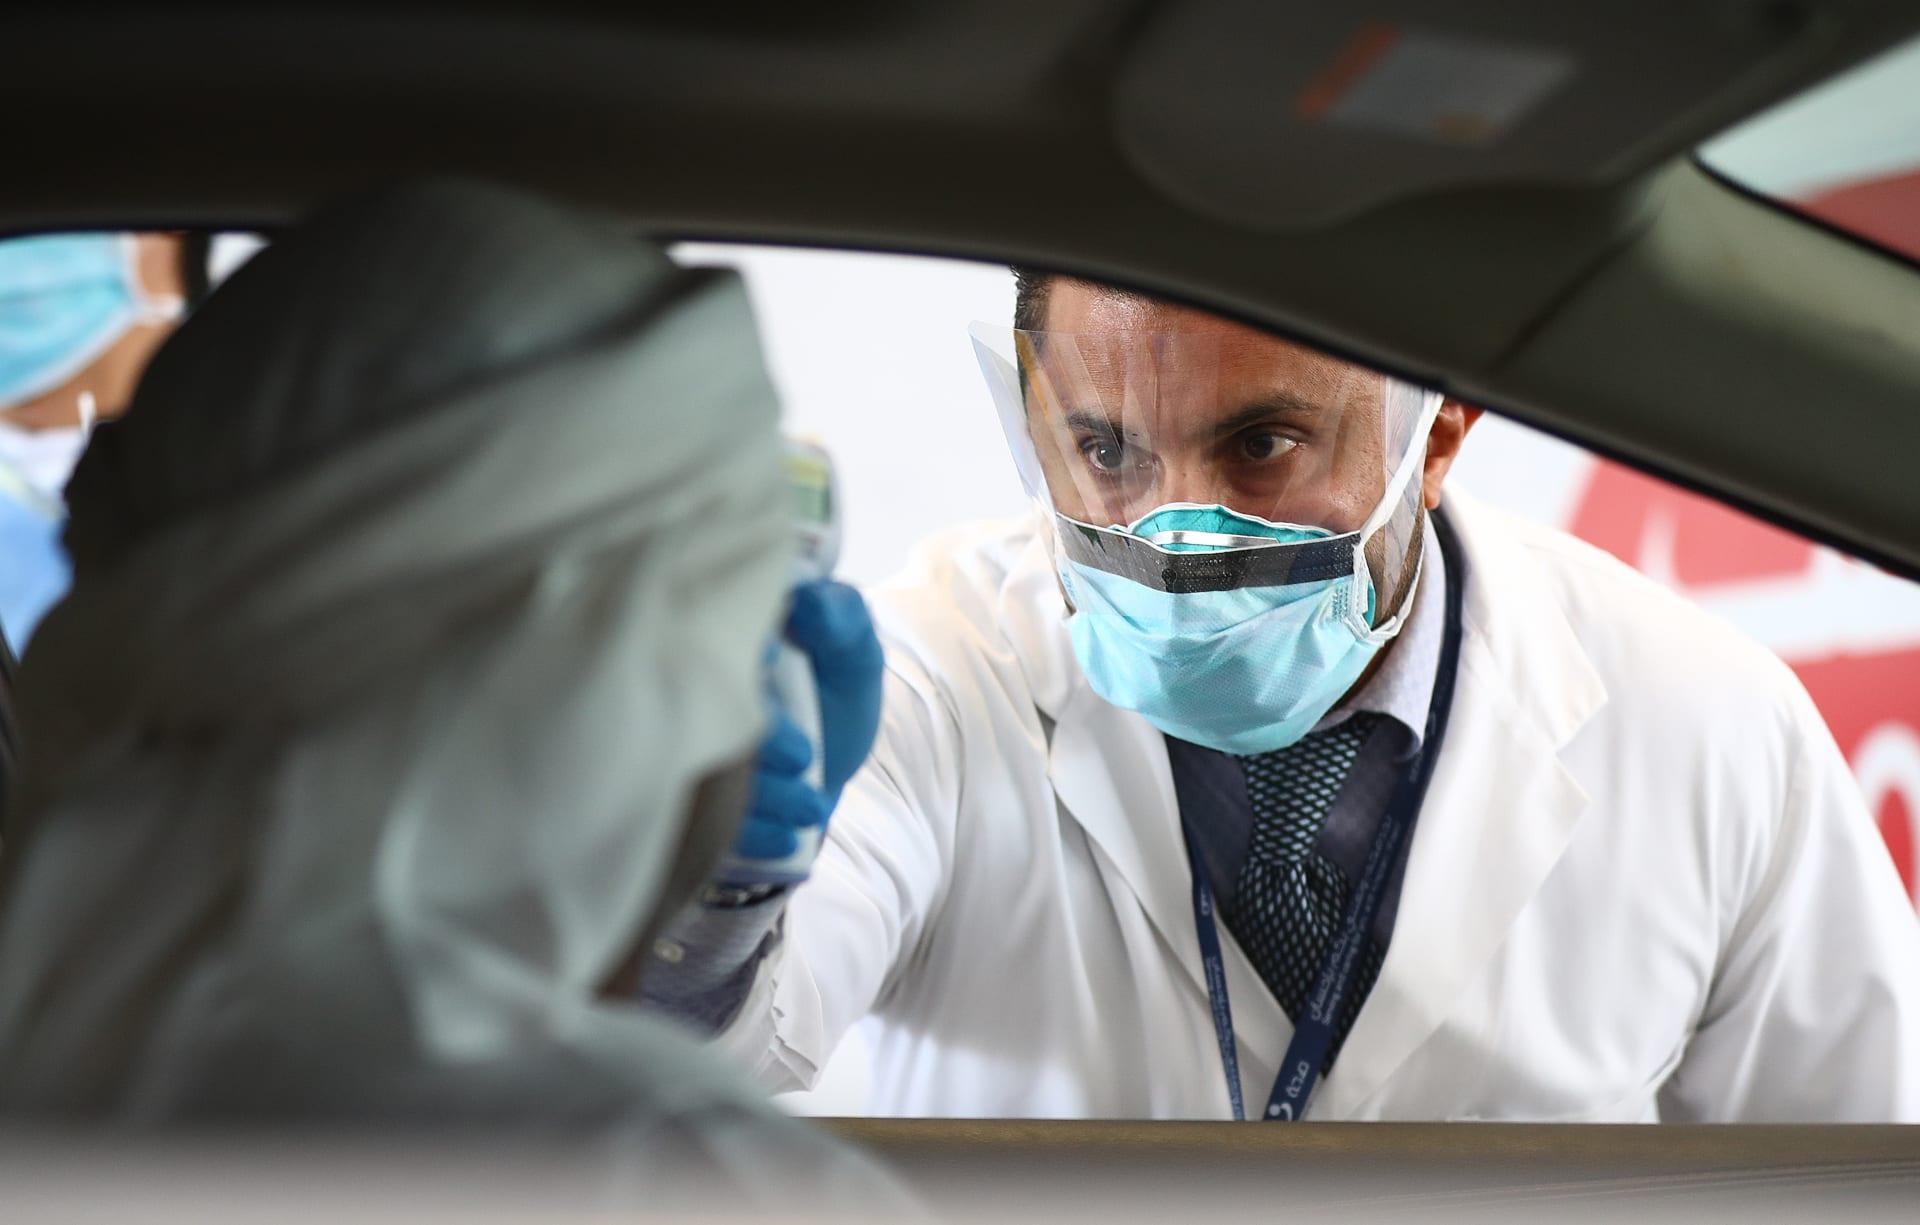 """الإمارات تُعلن تسجيل """"إصابات محدودة"""" بالسلالة الجديدة لفيروس كورونا"""